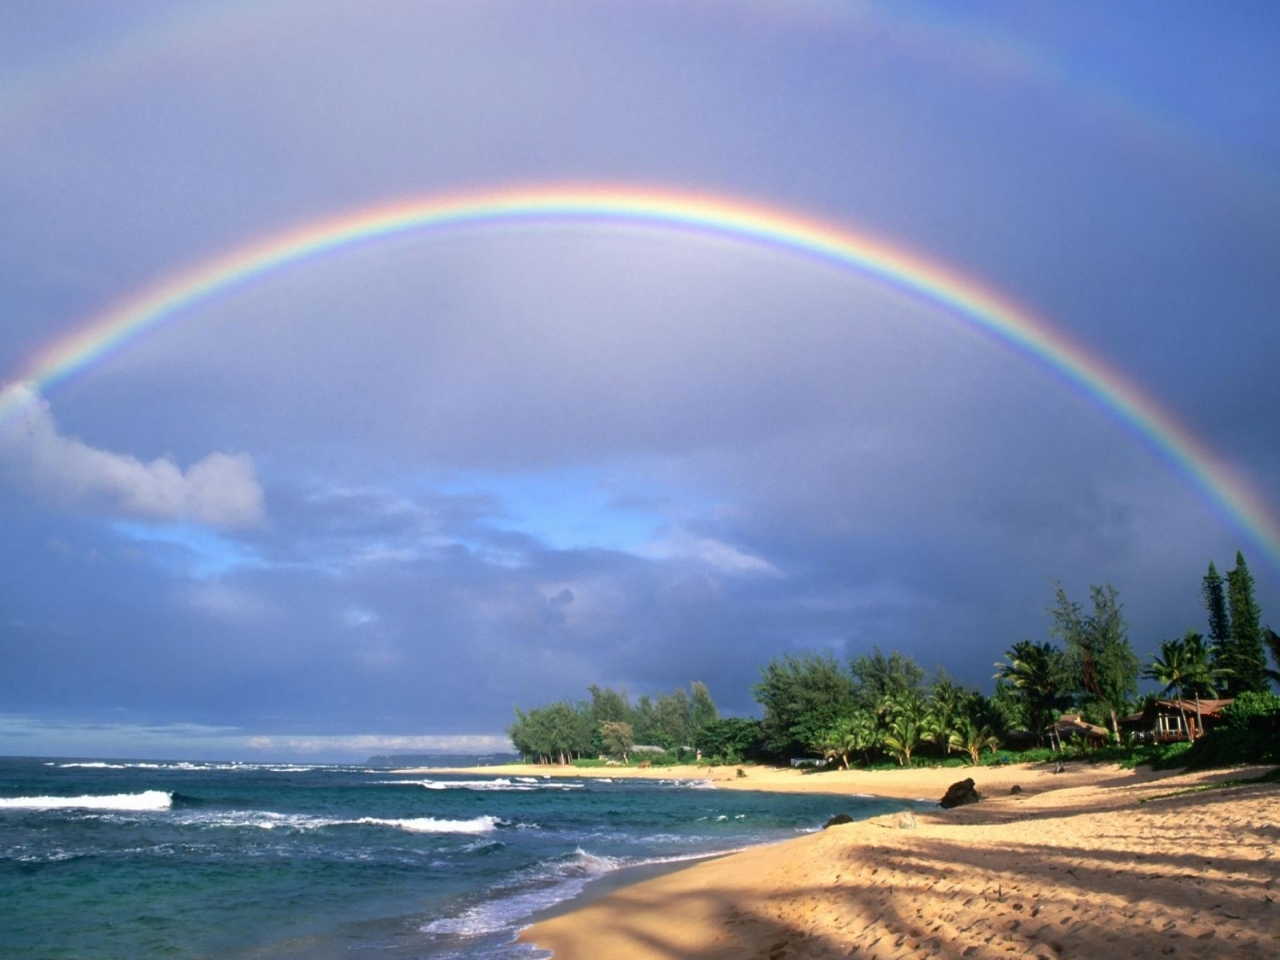 25256壁紙のダウンロード風景, 海, 波, ビーチ, レインボー-スクリーンセーバーと写真を無料で